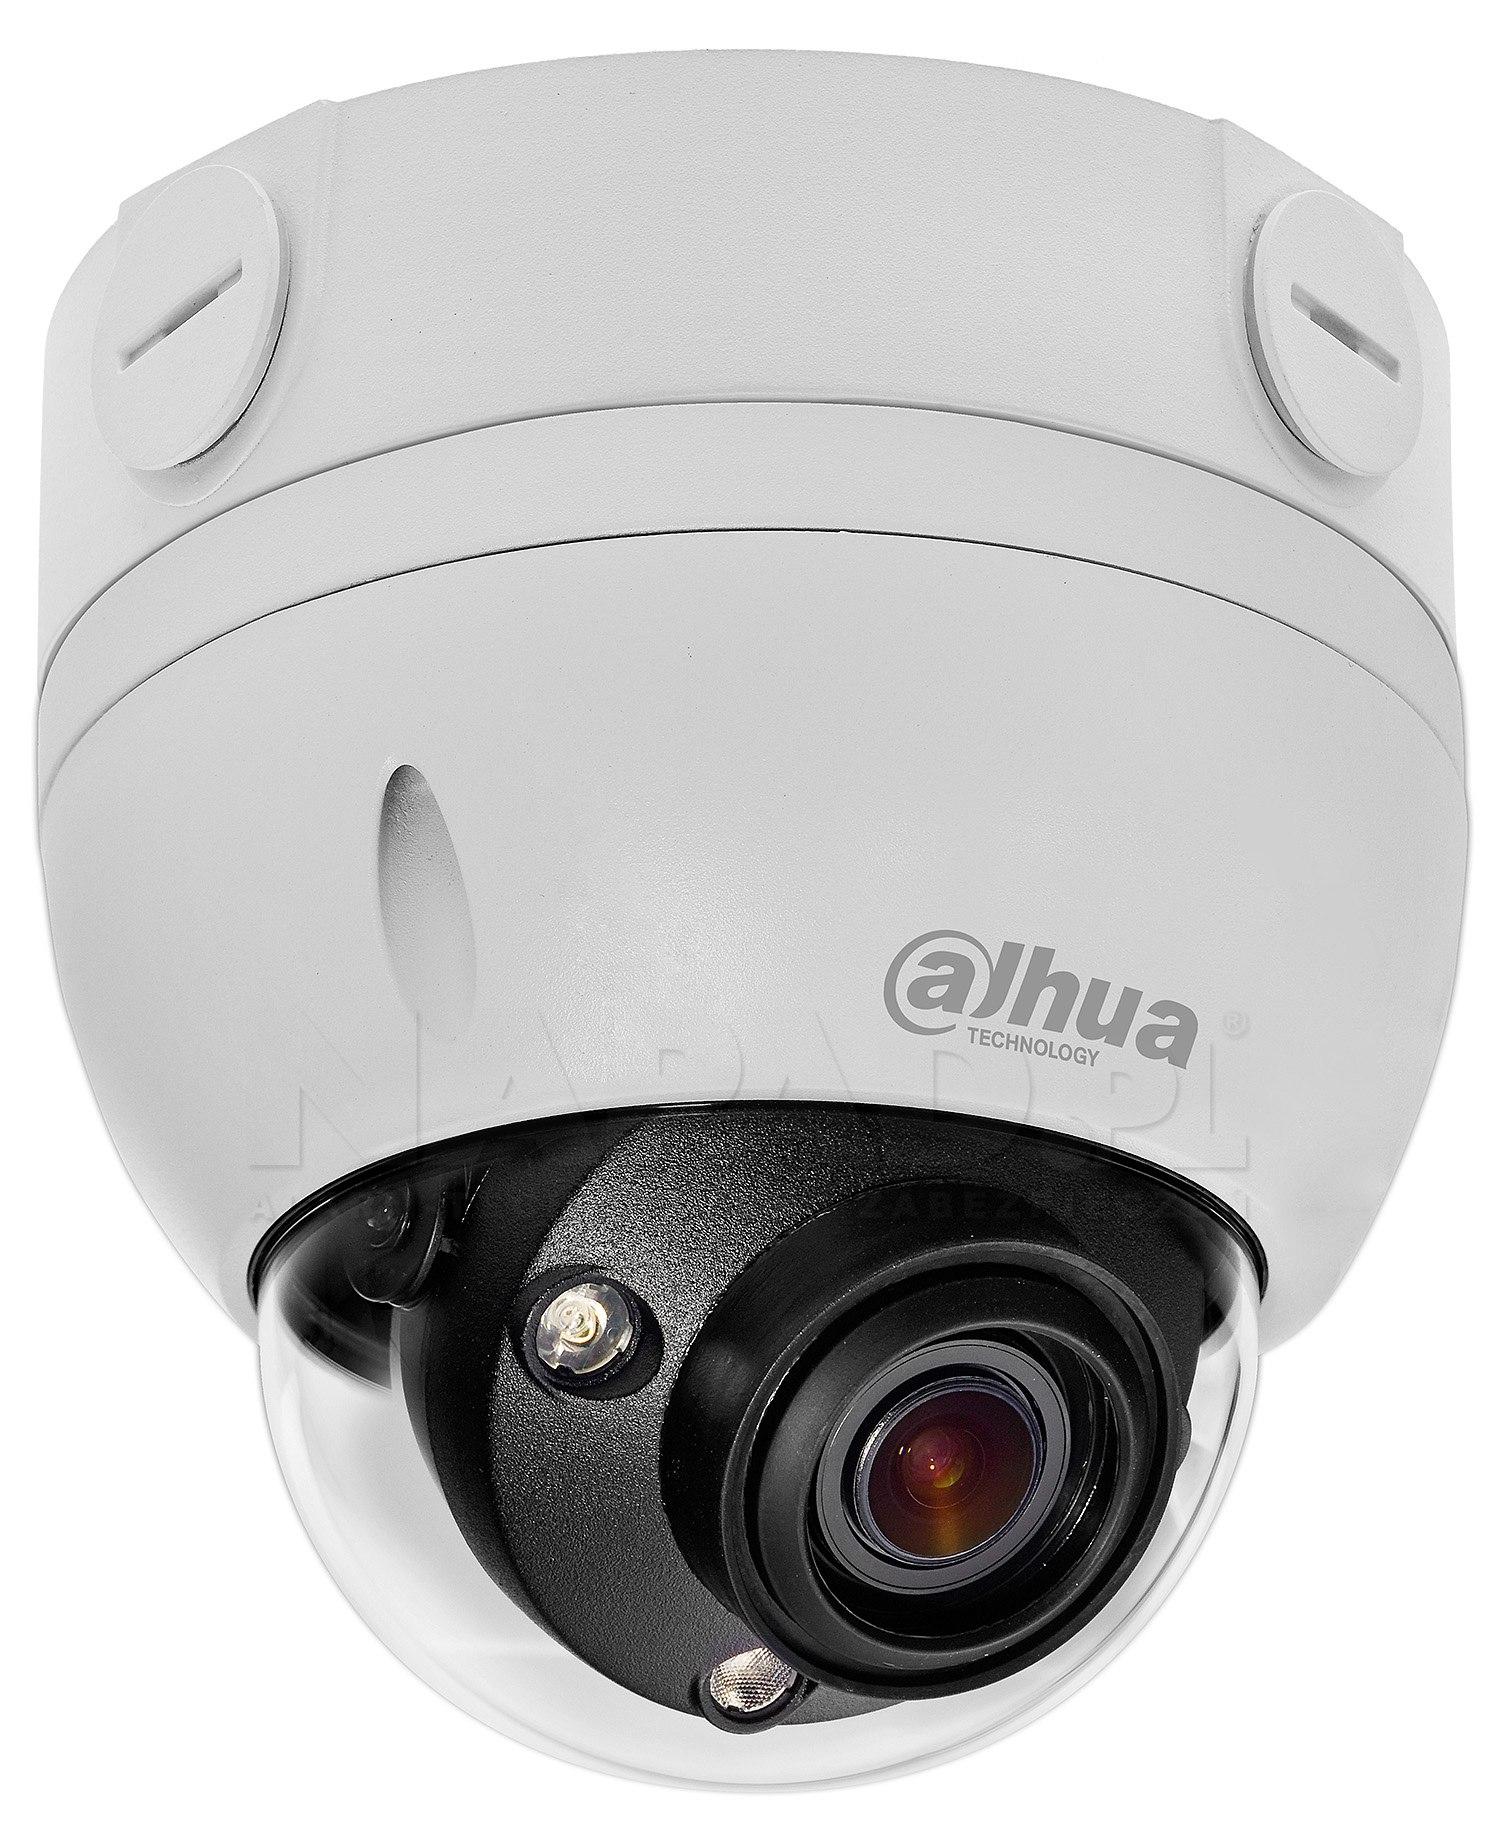 Kamera IP 12Mpx  DH-IPC-HDBW81230EP-ZH